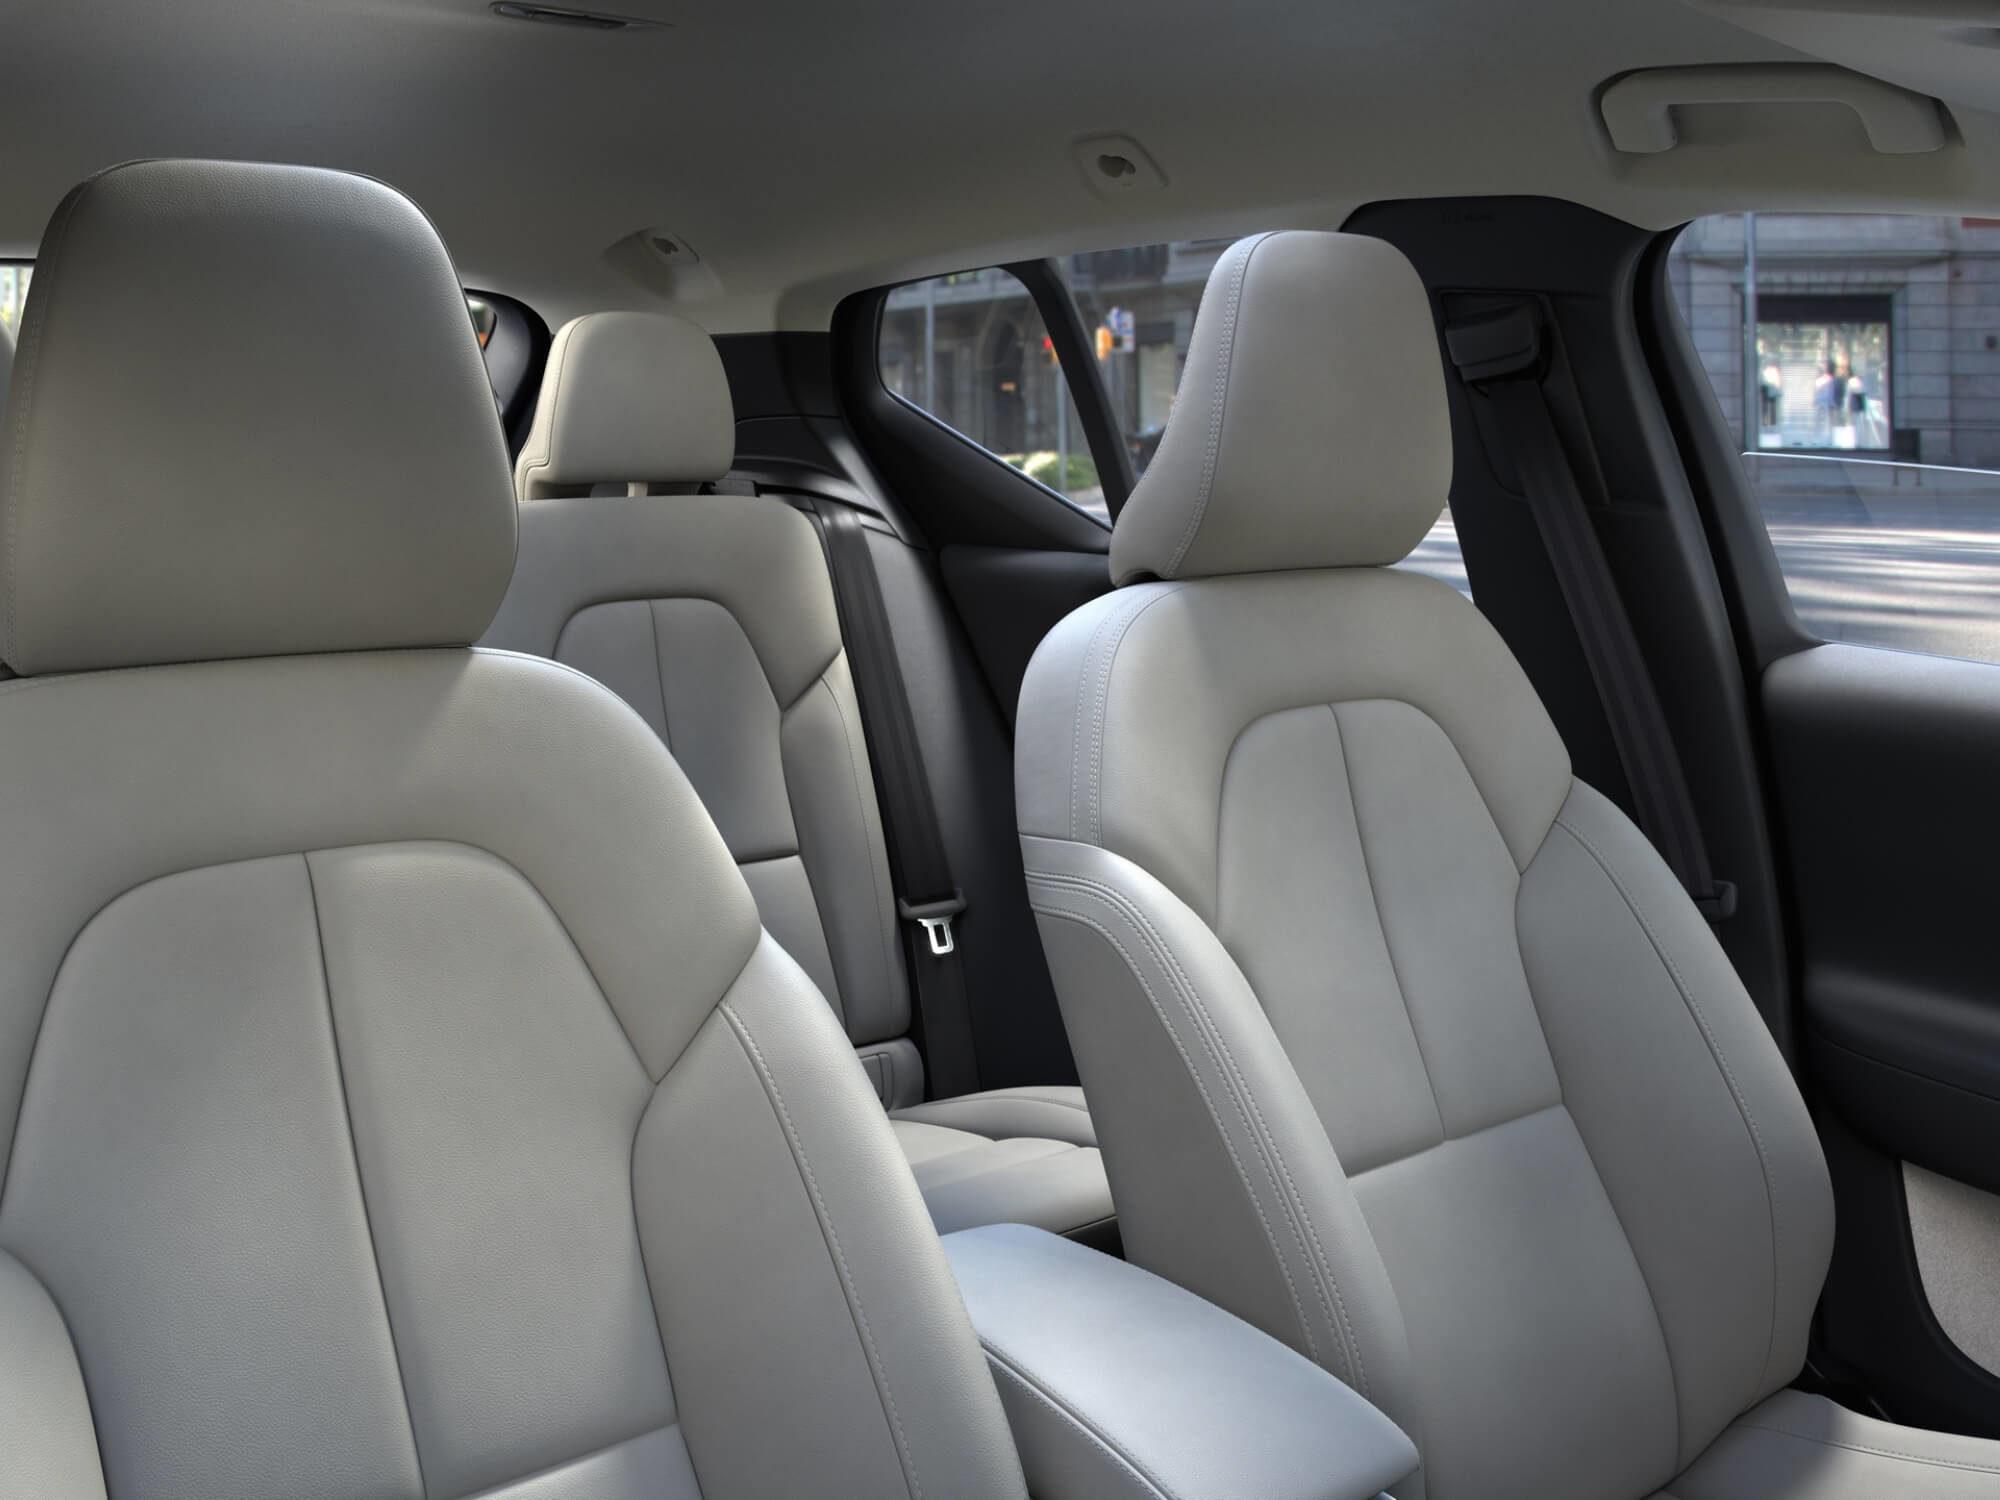 Volvo XC40 Benzine interieur